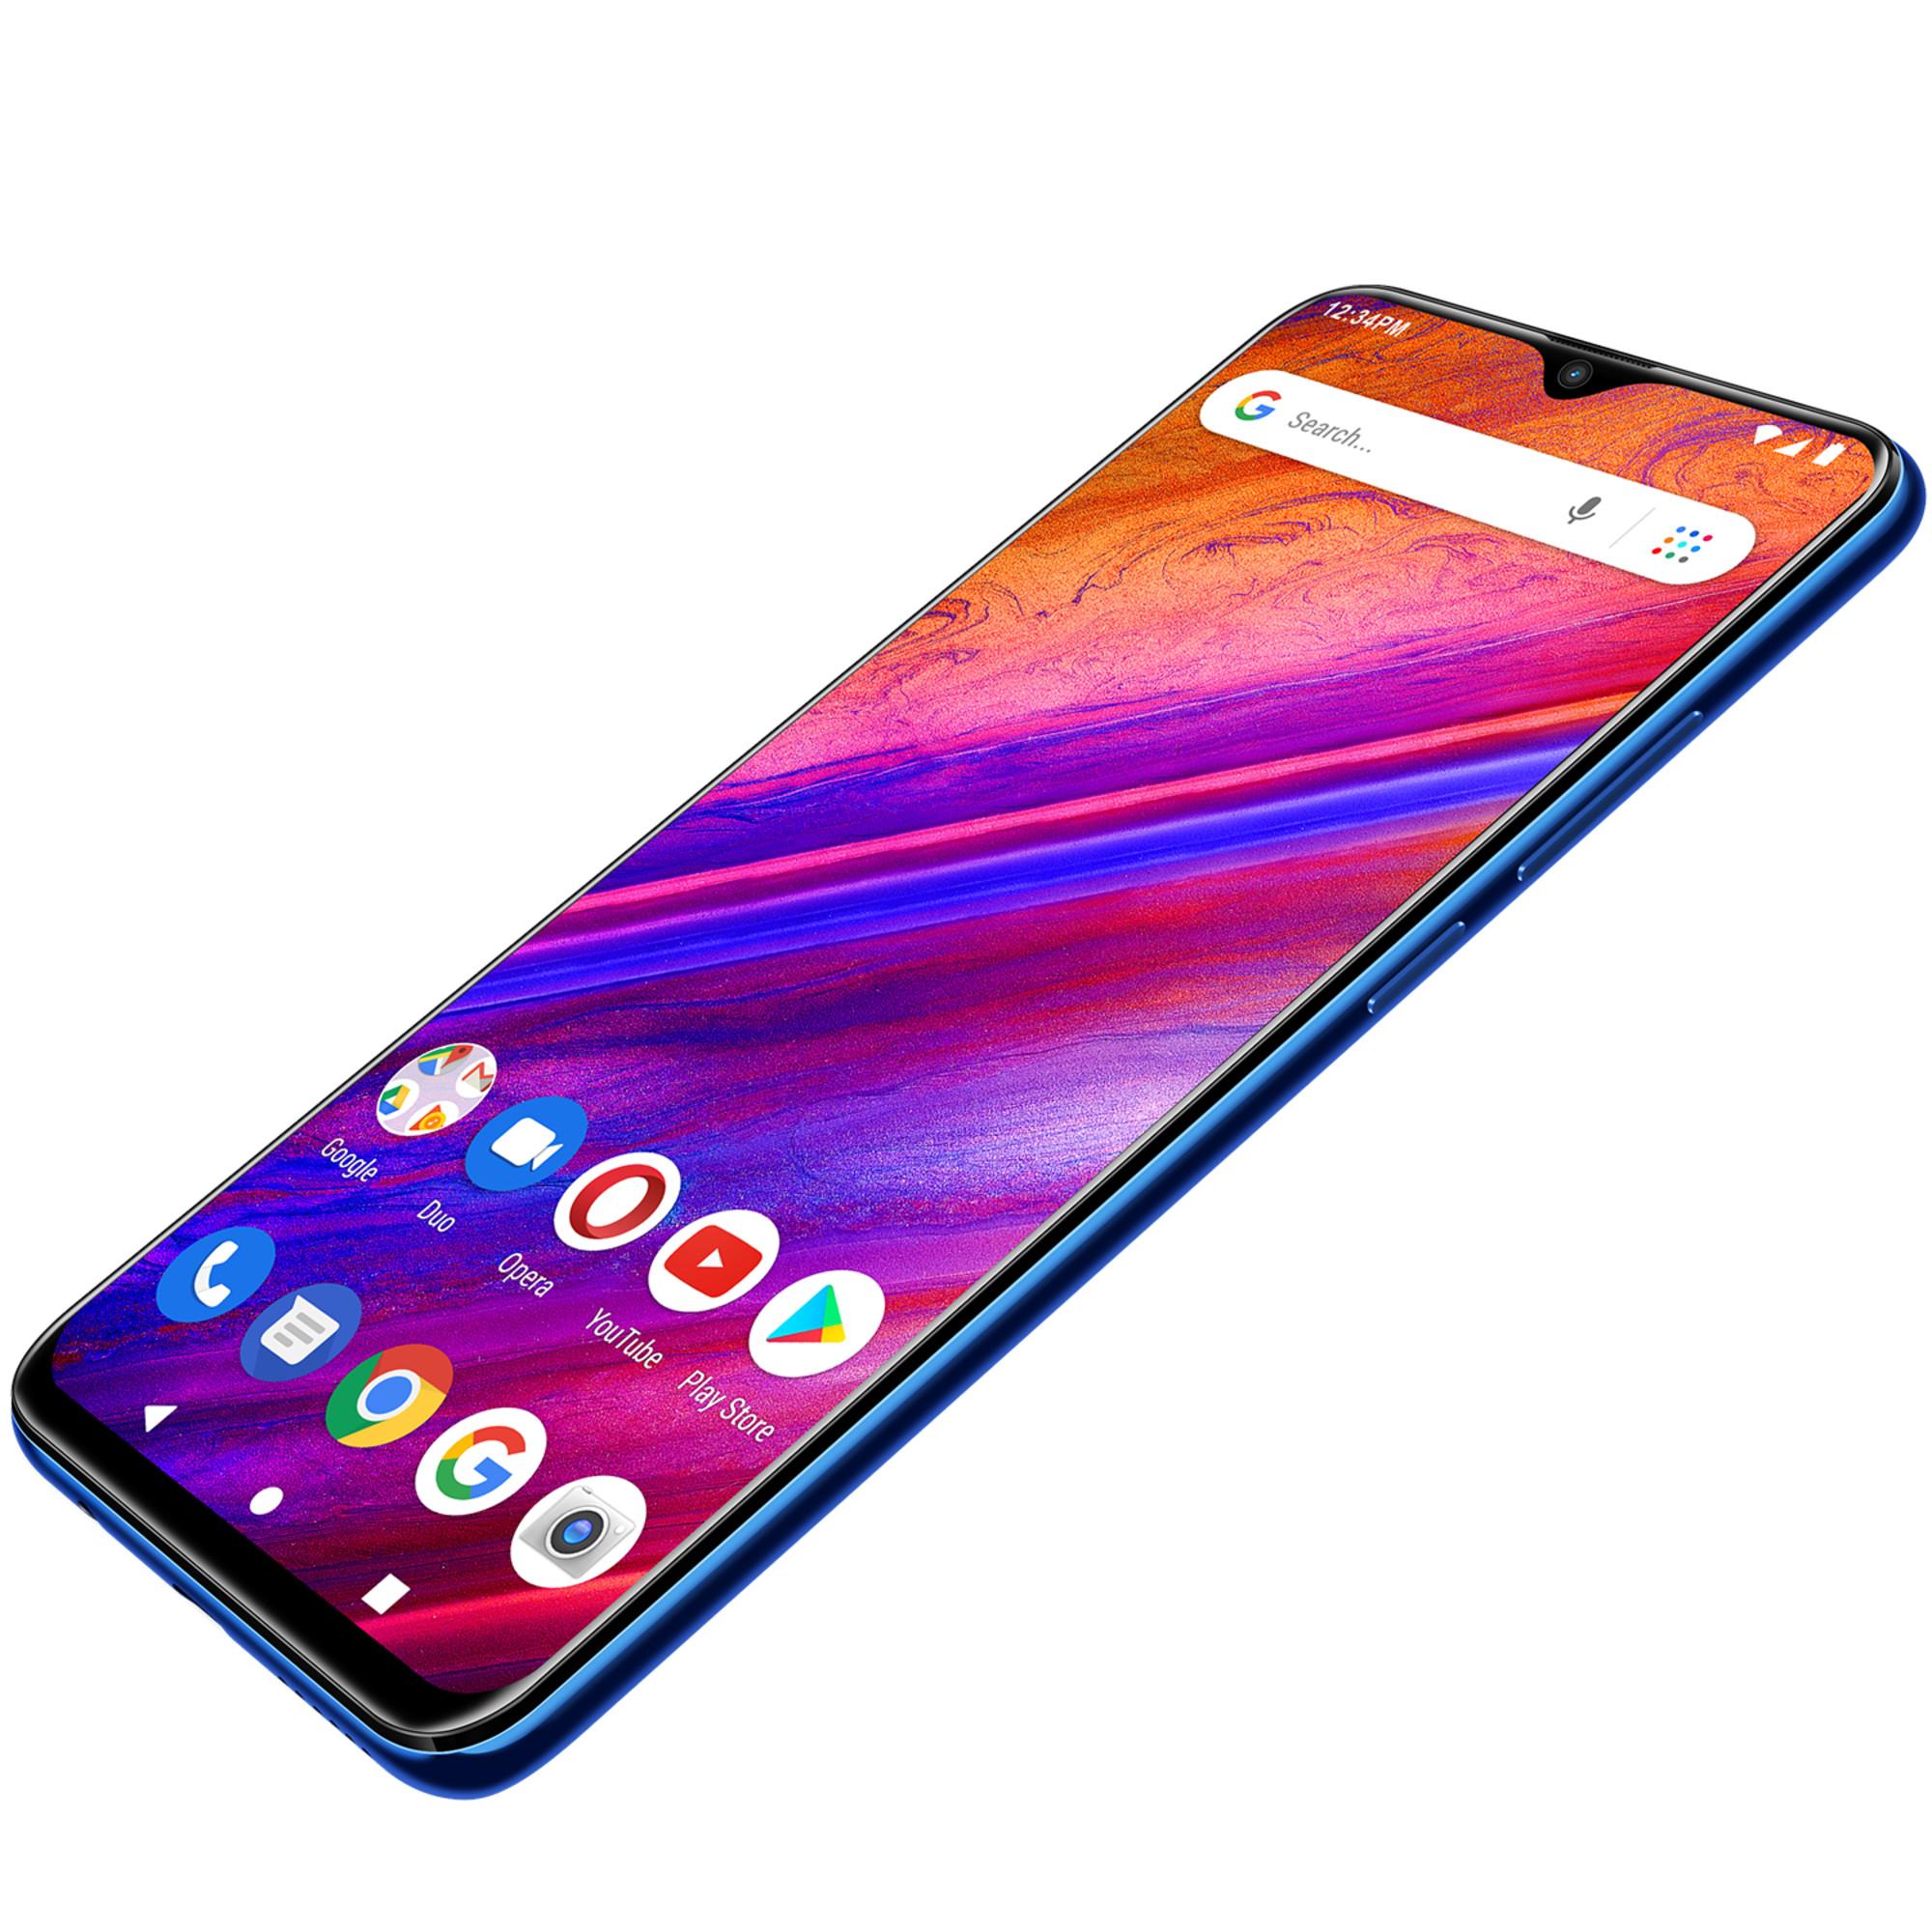 گوشی موبایل بلو مدل G9 G0130WW دو سیم کارت ظرفیت 64 گیگابایت